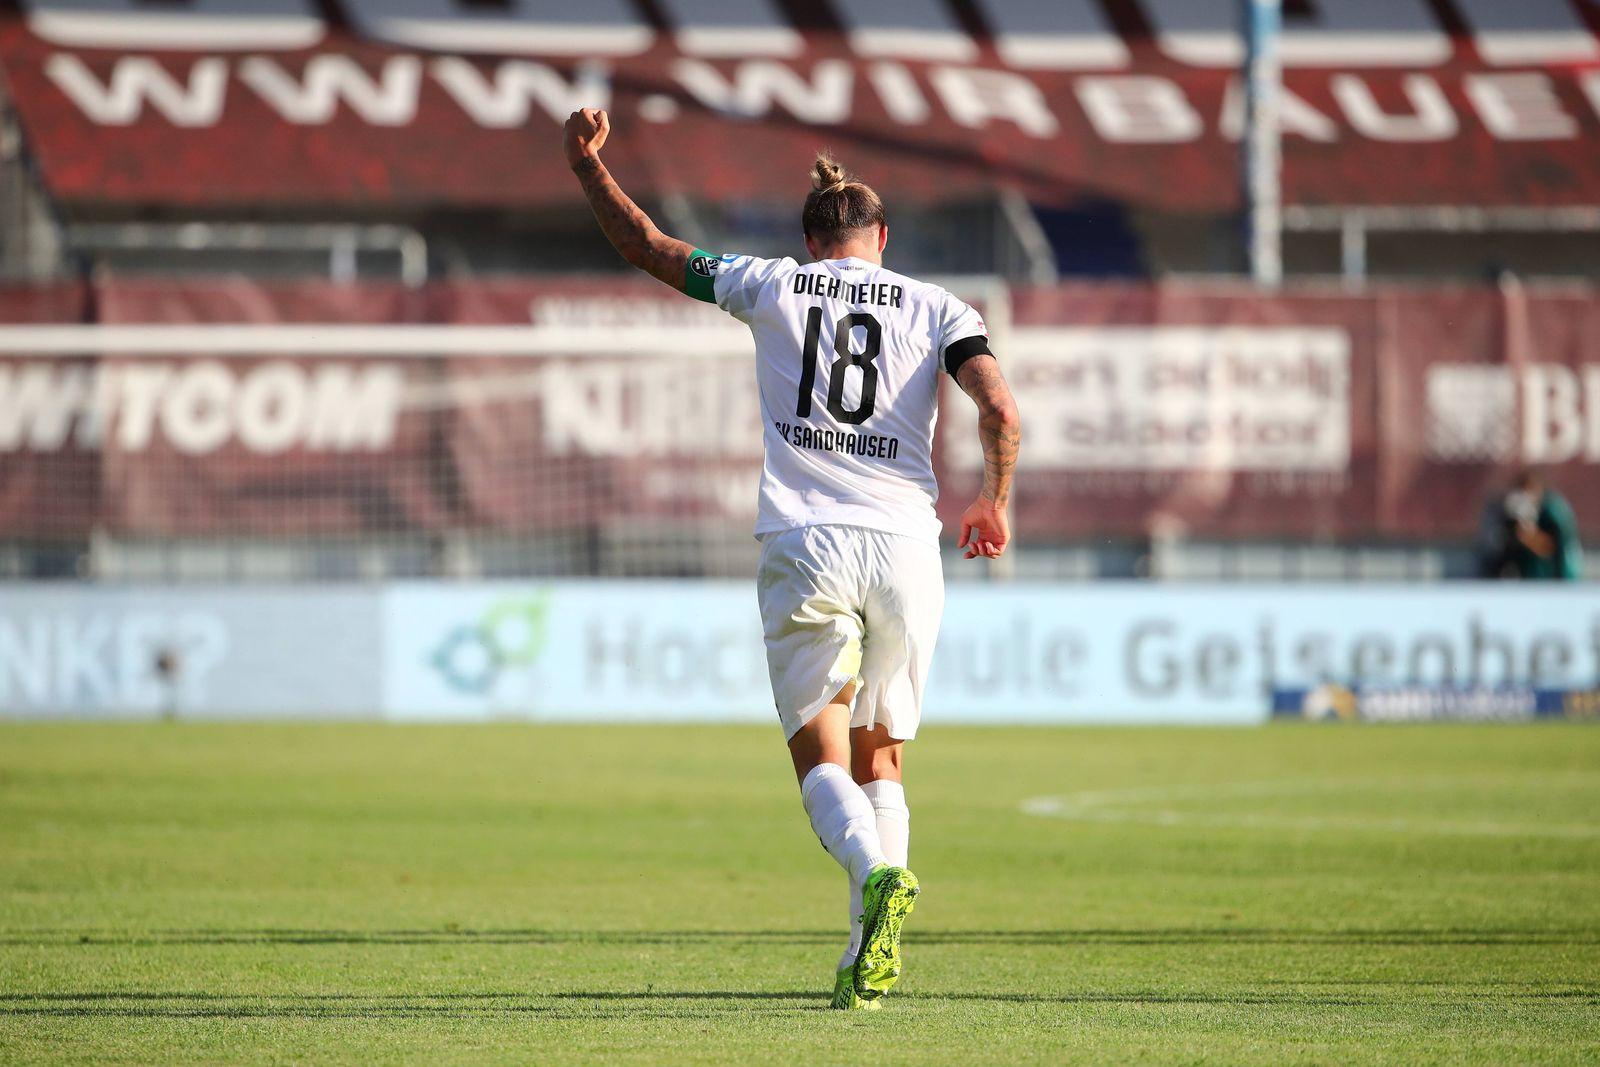 SV Wehen Wiesbaden vs SV Sandhausen, Fussball, 2. Liga, 26.05.2020 Dennis Diekmeier (Sandhausen) feiert sein Tor zum 1: